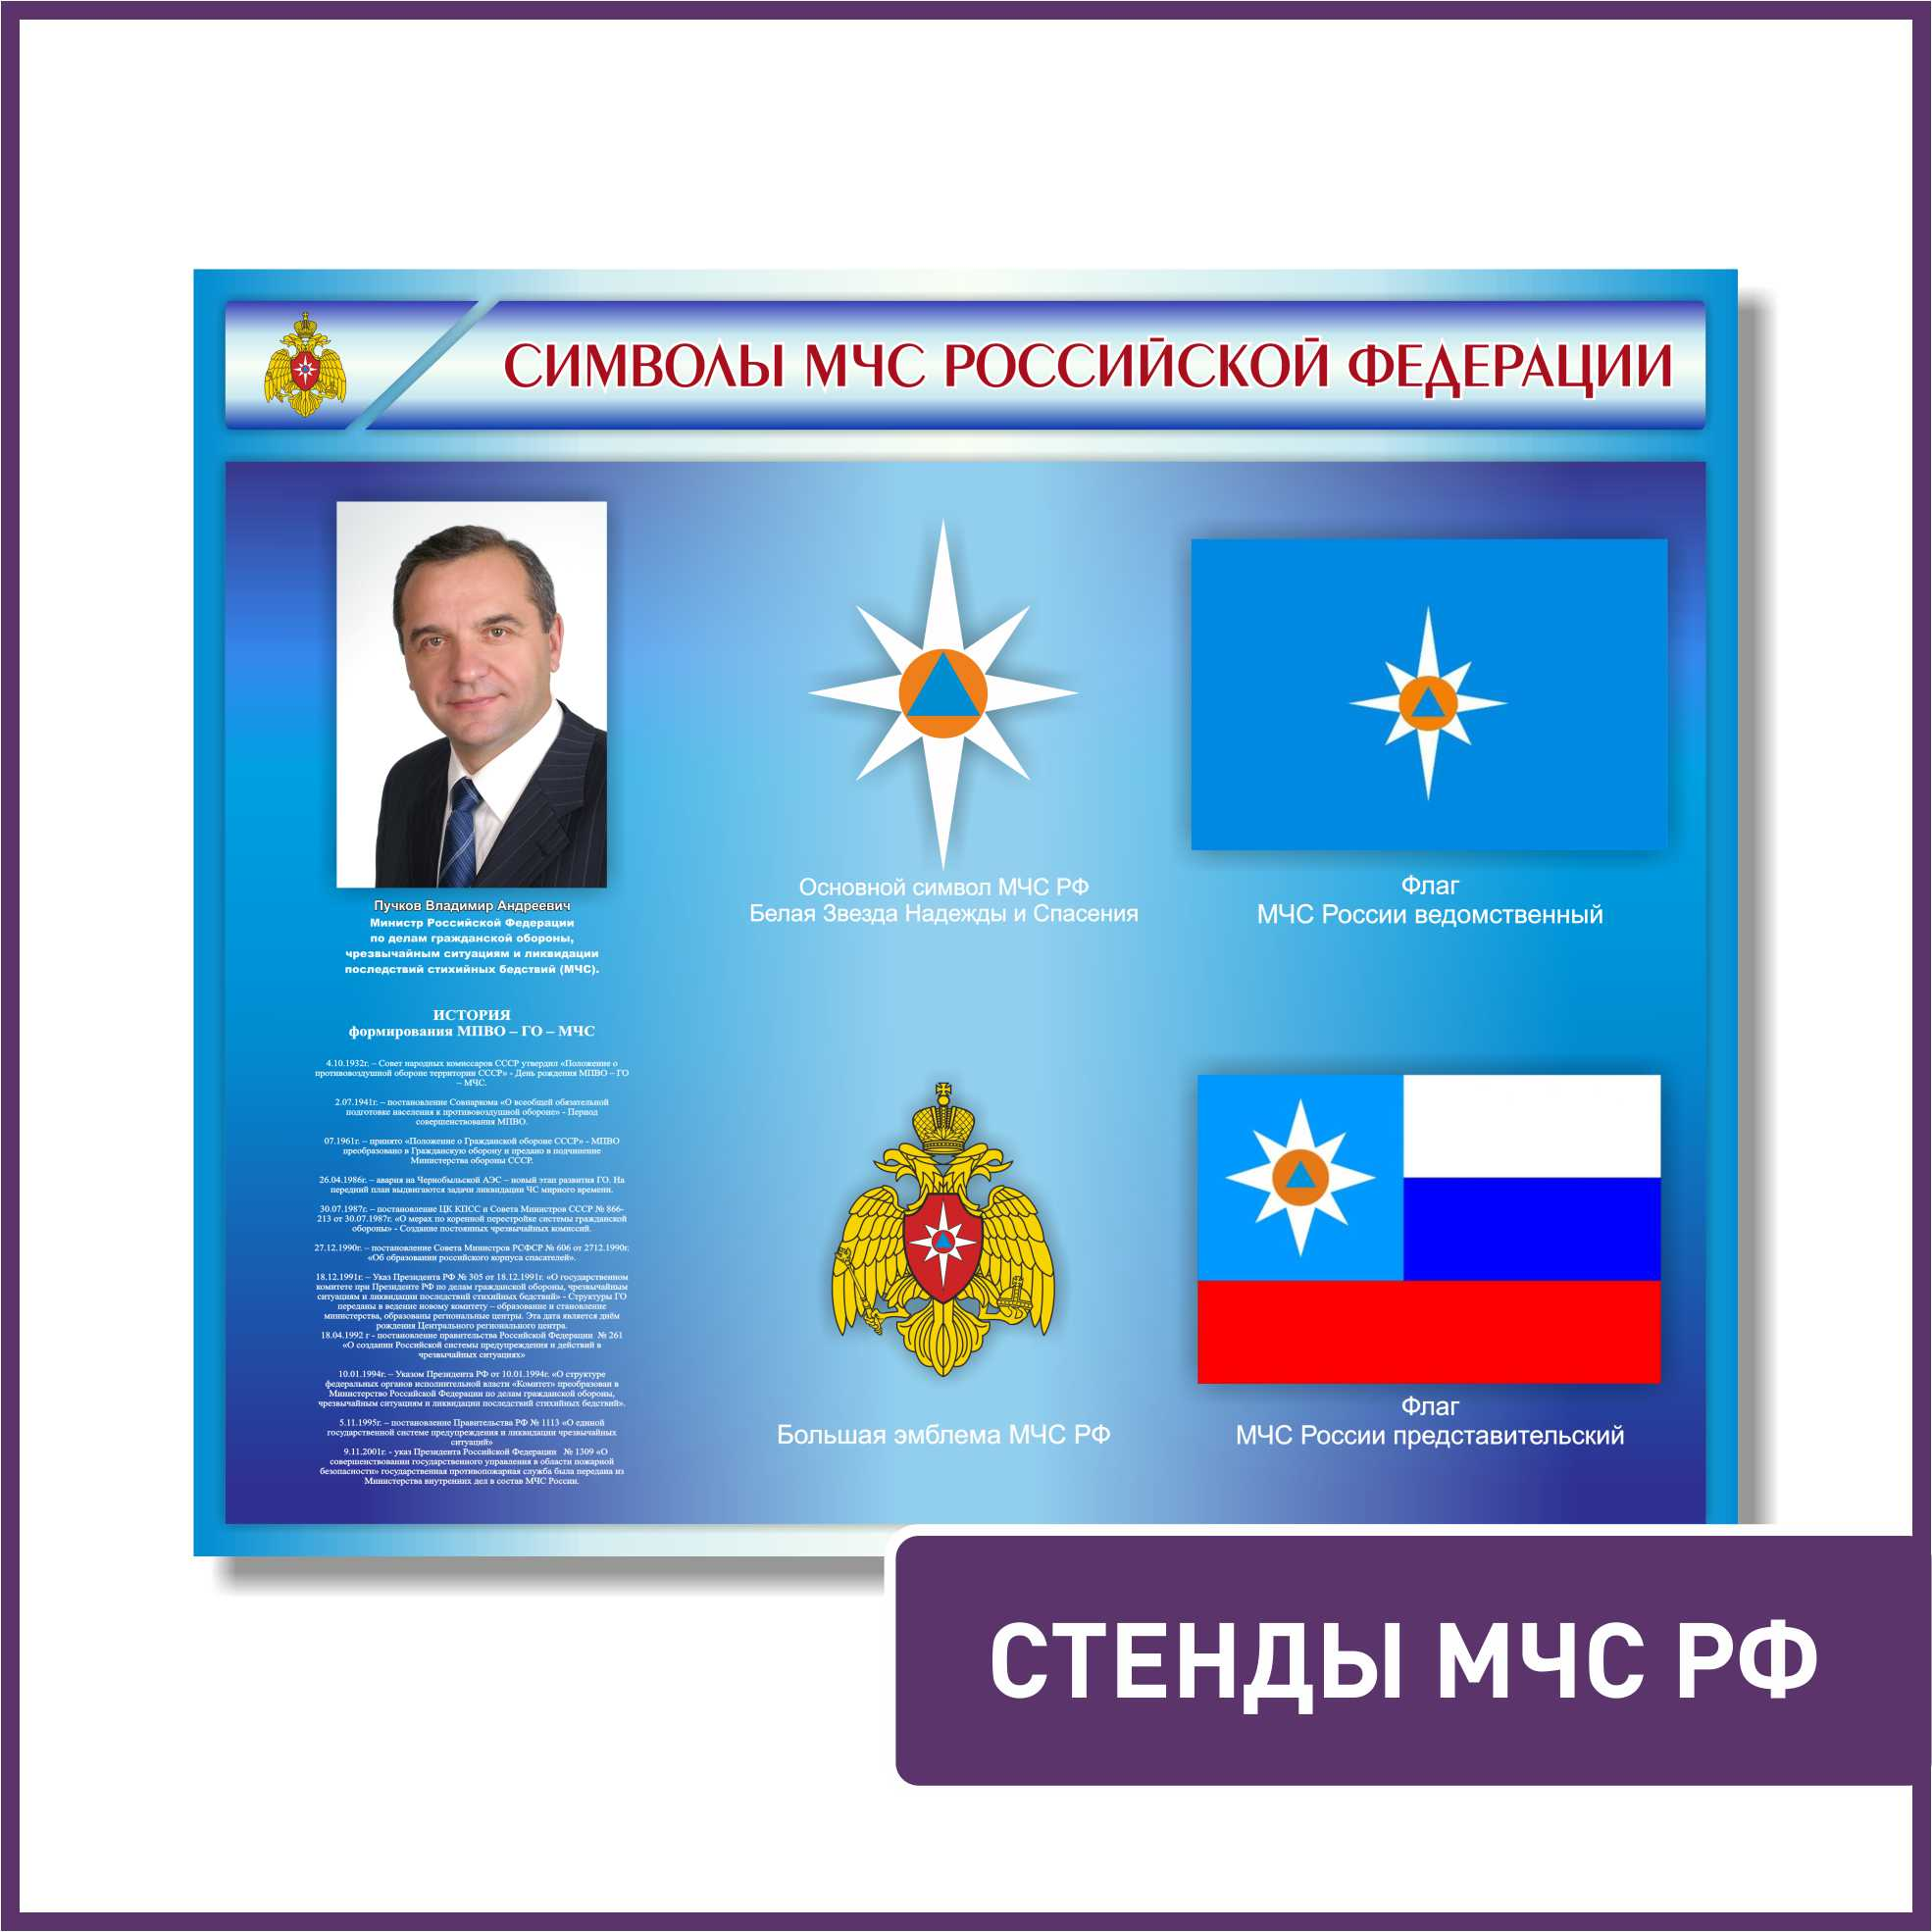 Стенды МЧС РФ